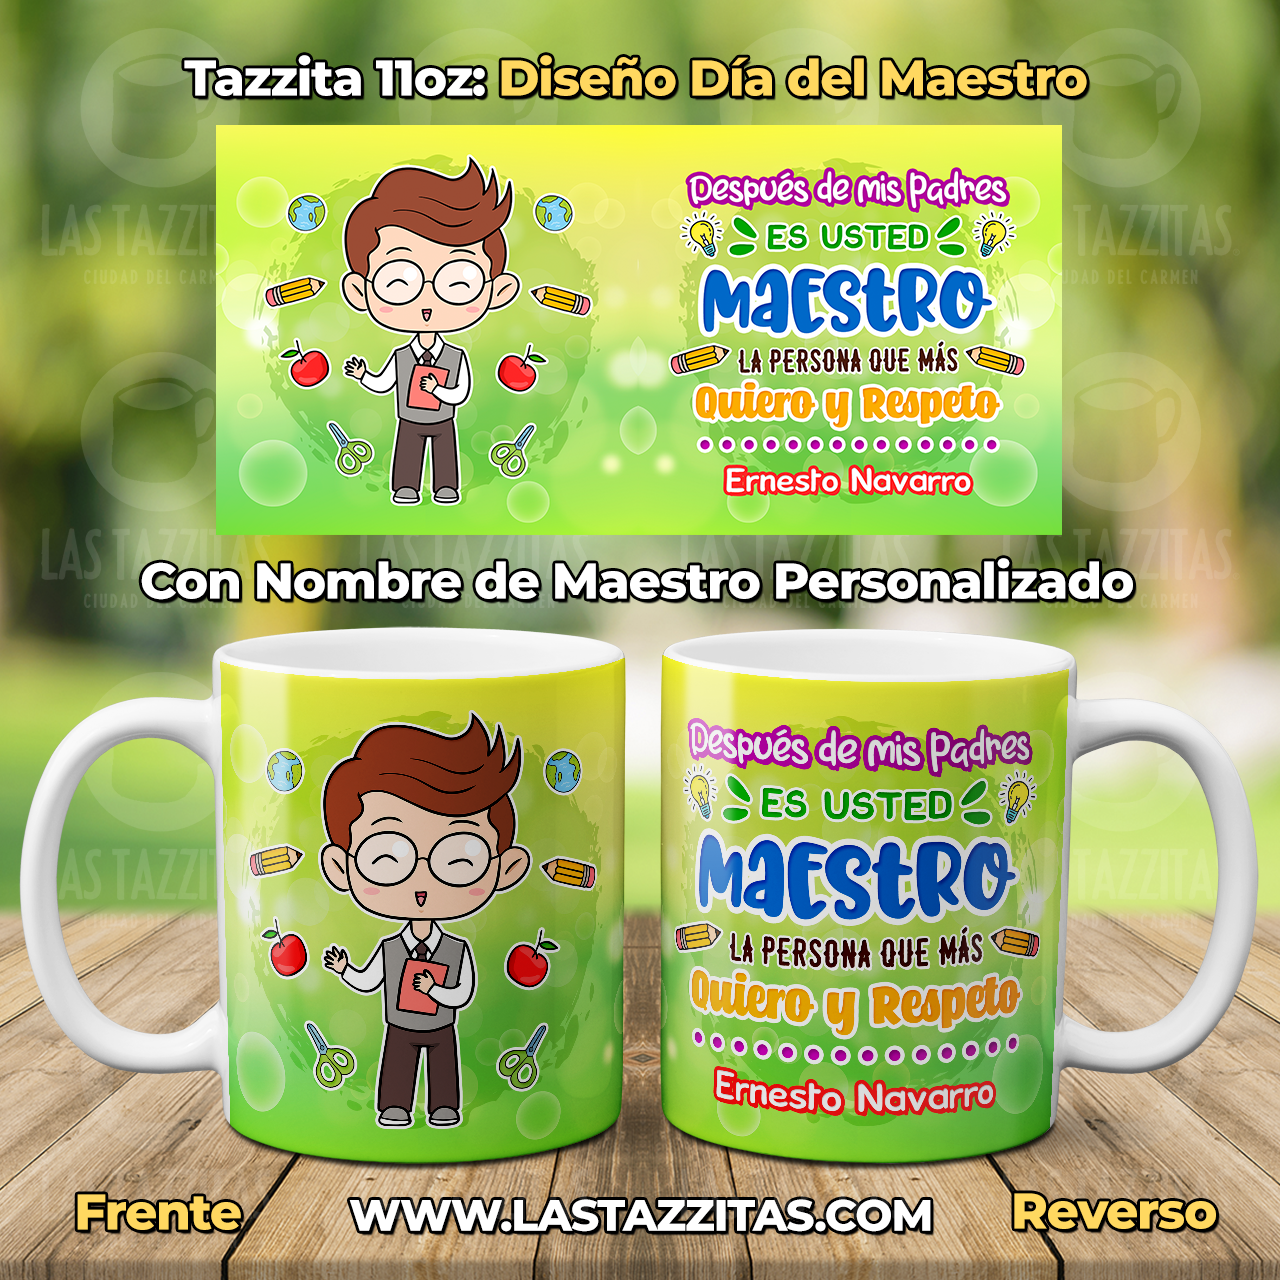 Es usted Maestro - Las Tazzitas